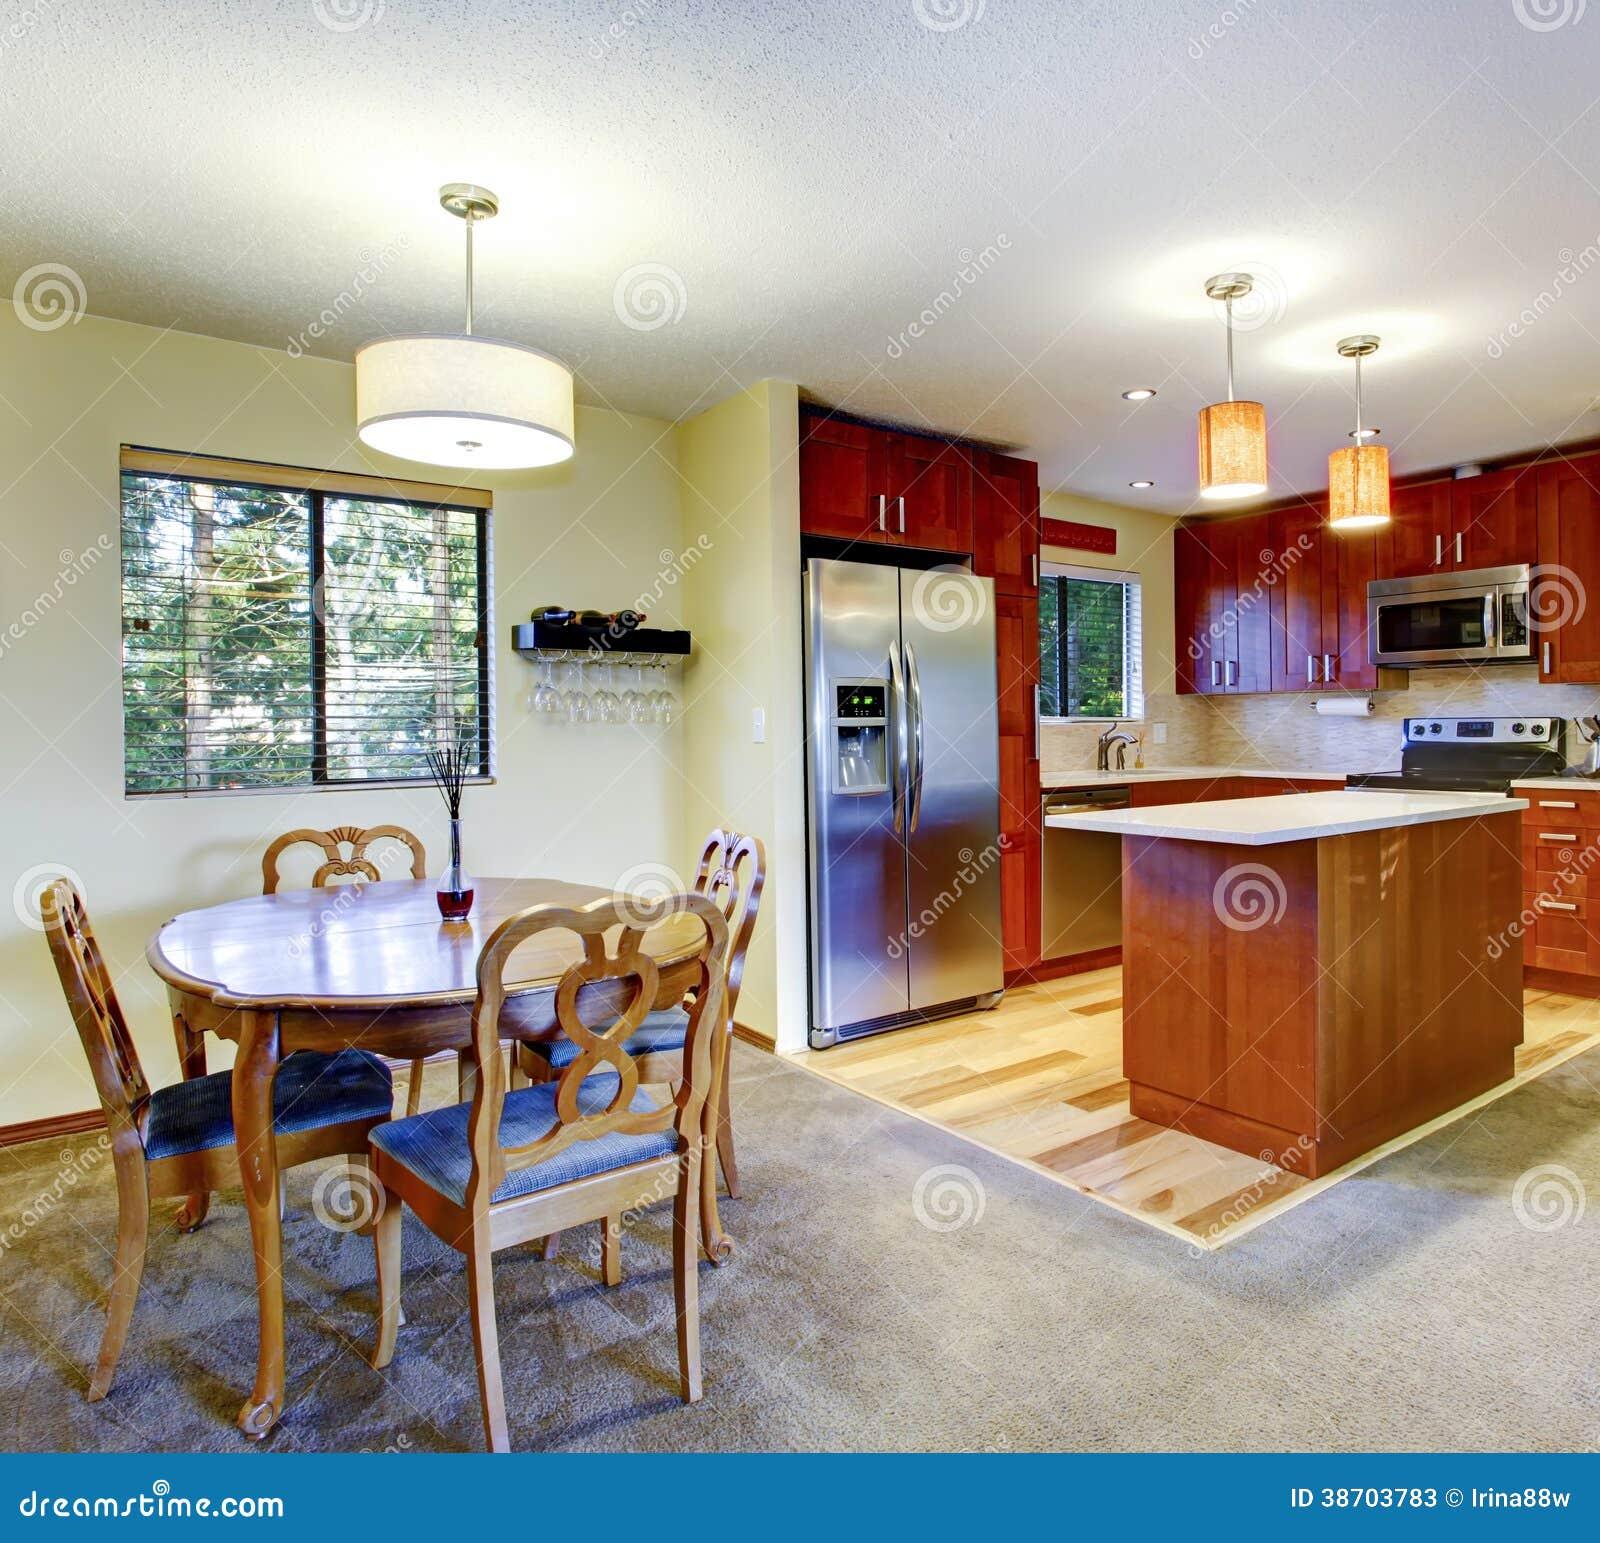 Pareti Cucina Giallo : Telai in legno con misure per vetromattoni standard